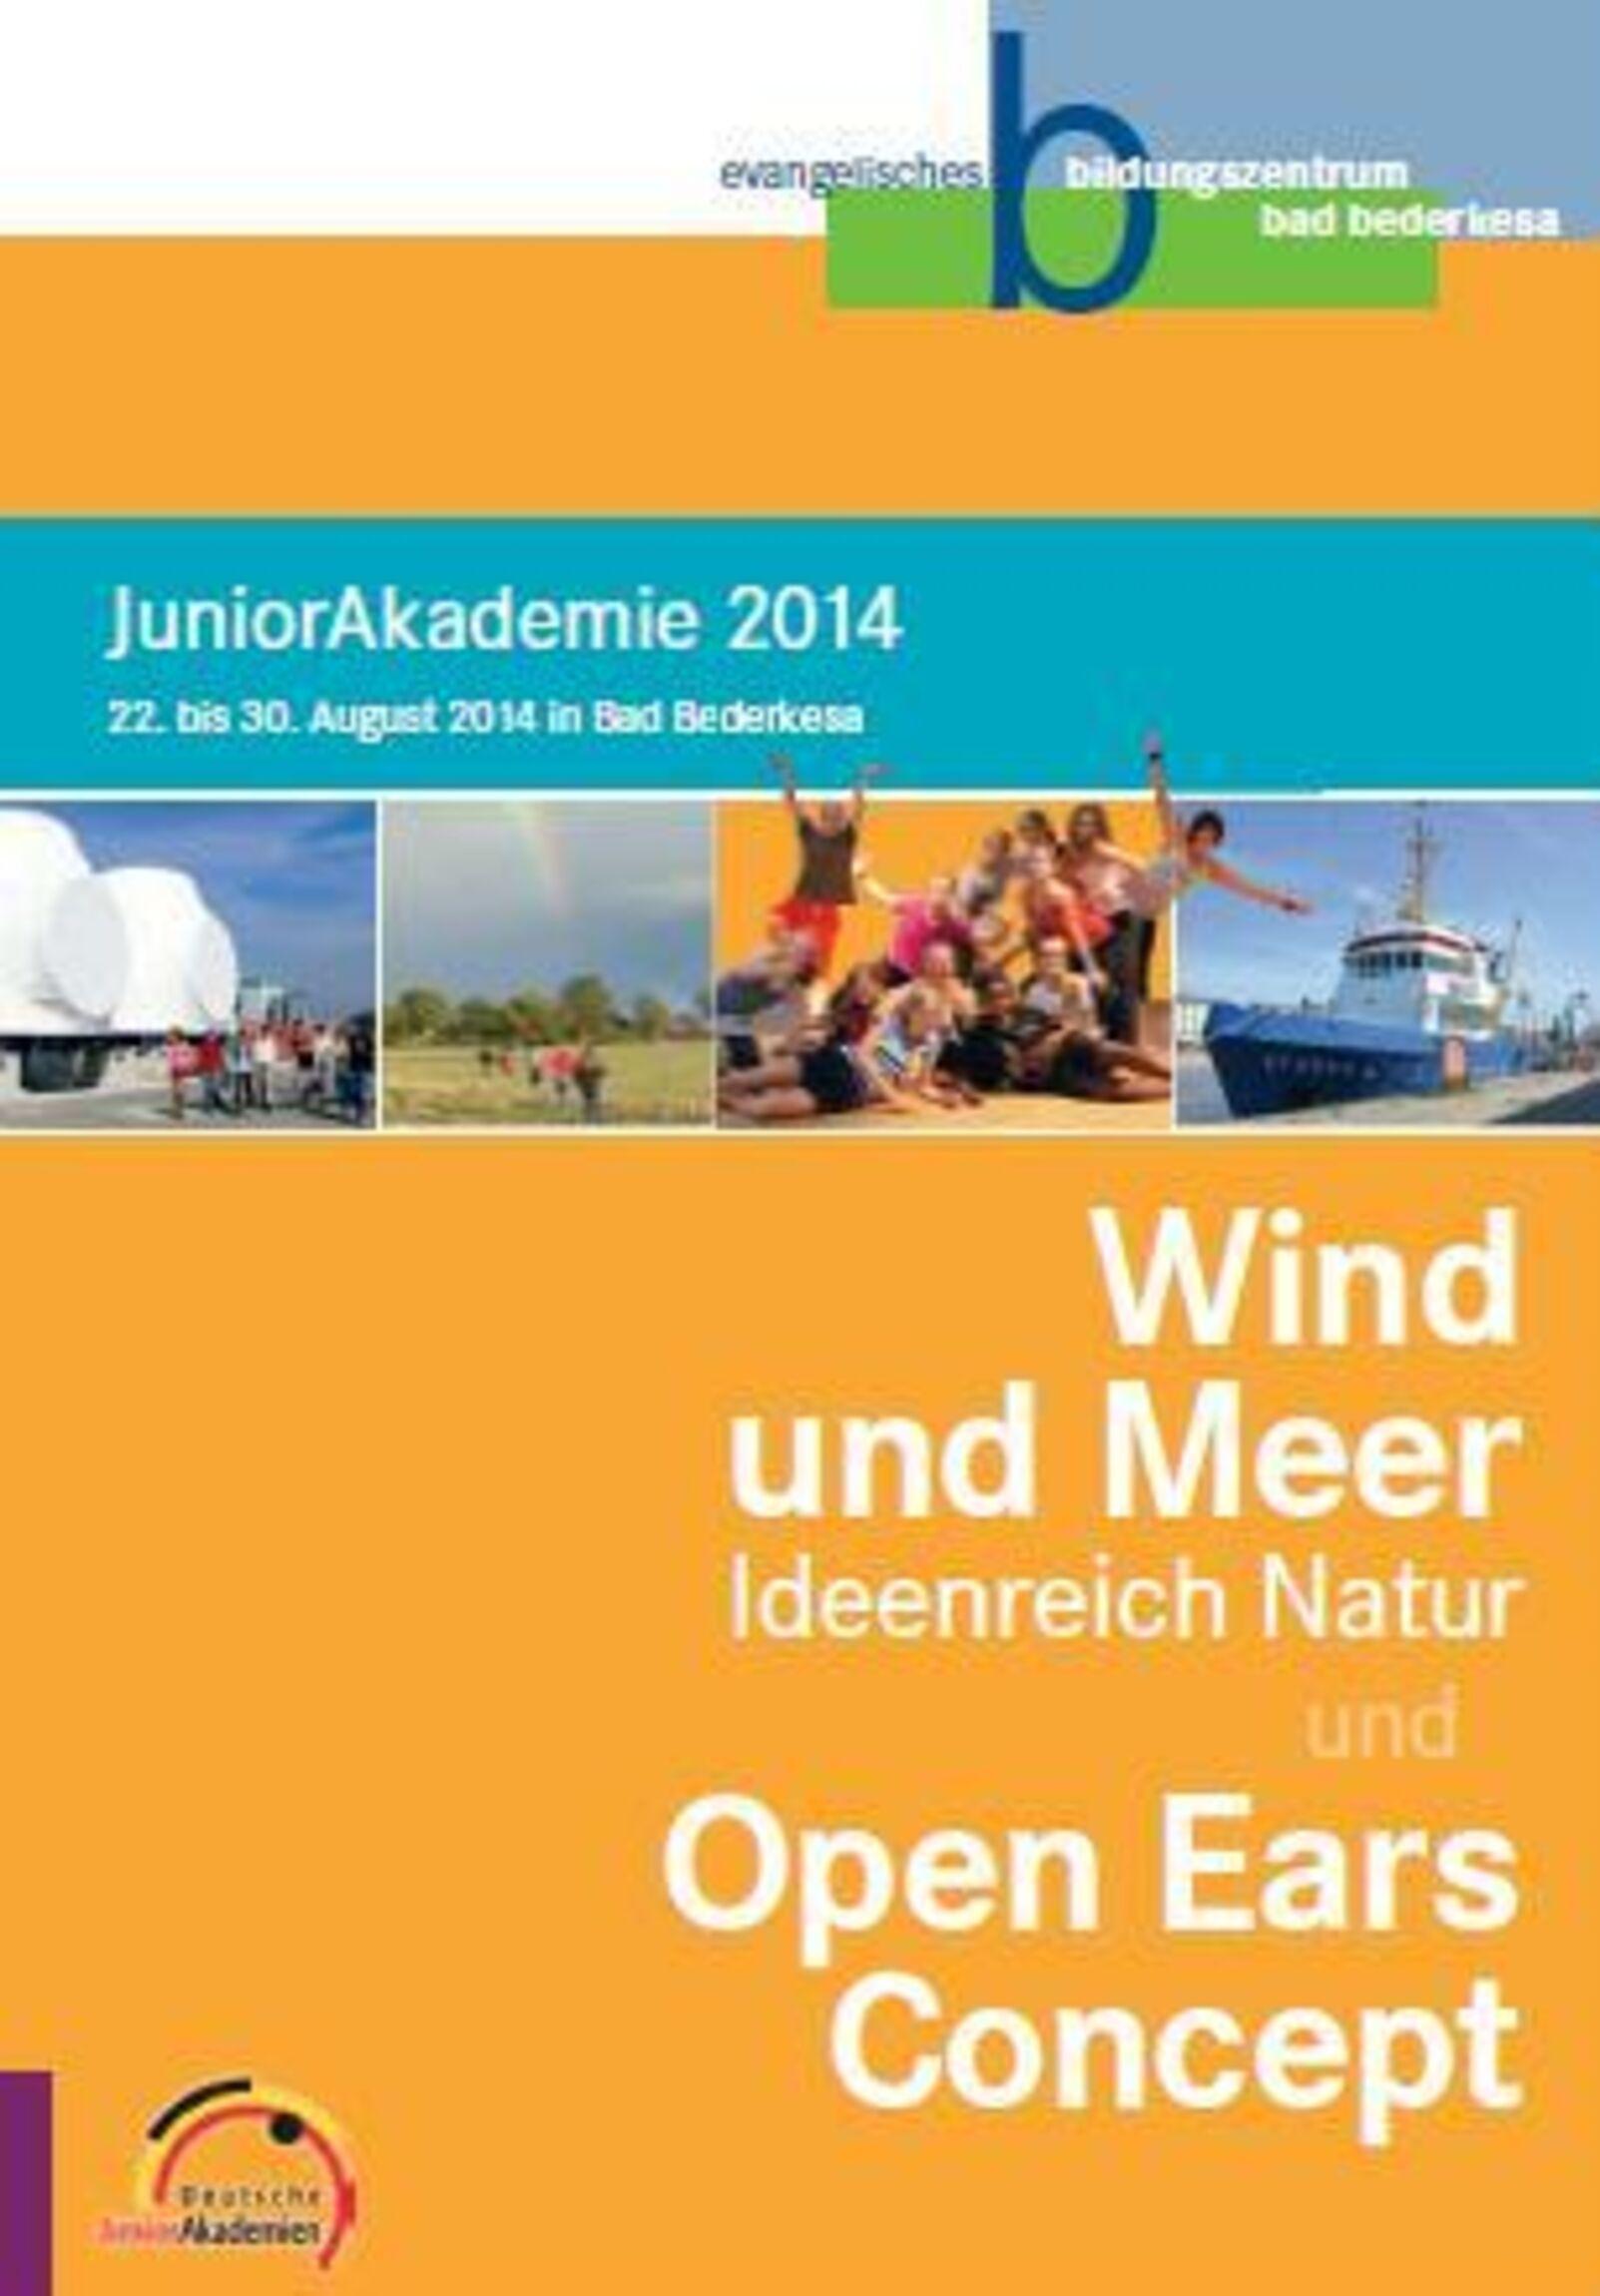 junior akademie 2014